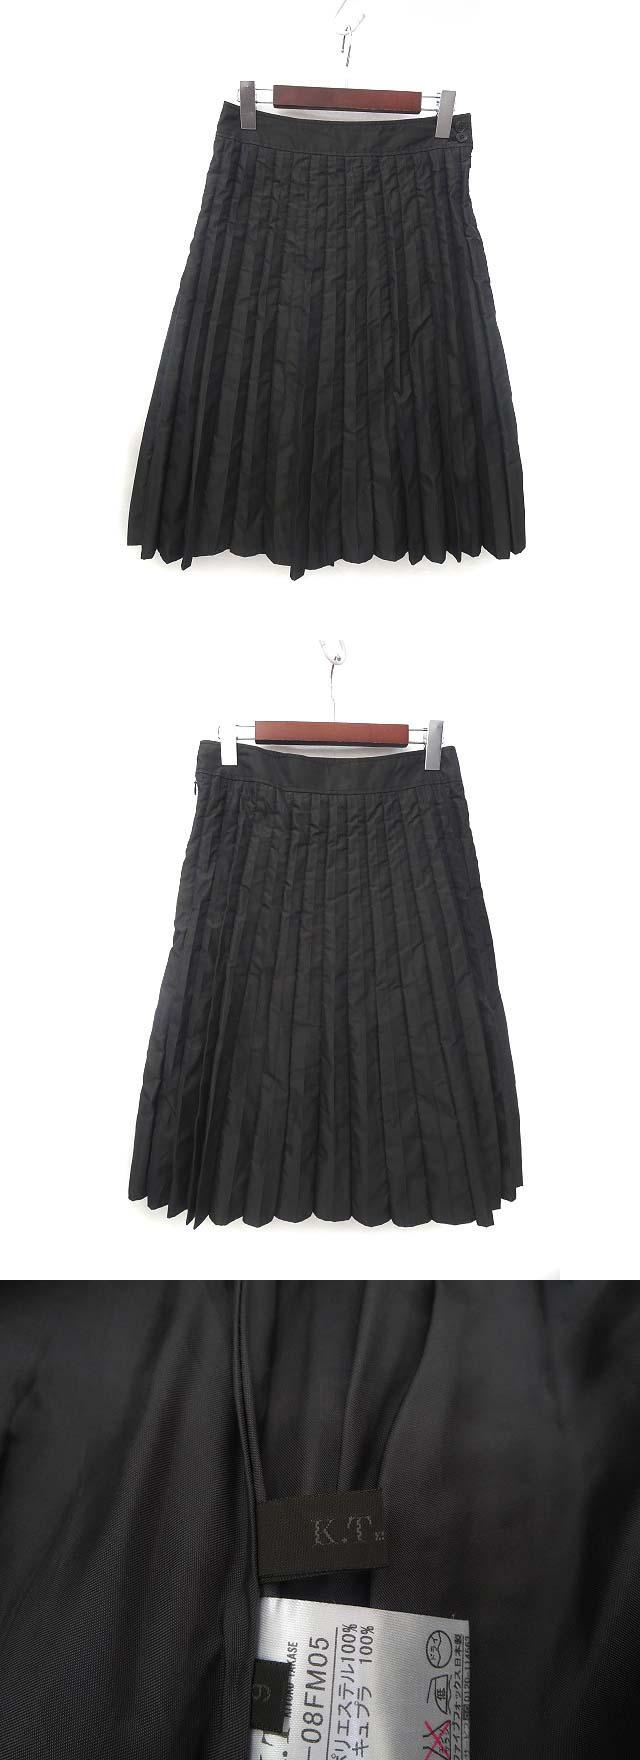 美品 K.T KIYOKO TAKASE ケーティー キヨコ タカセ シンプル ひざ丈 プリーツ スカート 9 ブラック